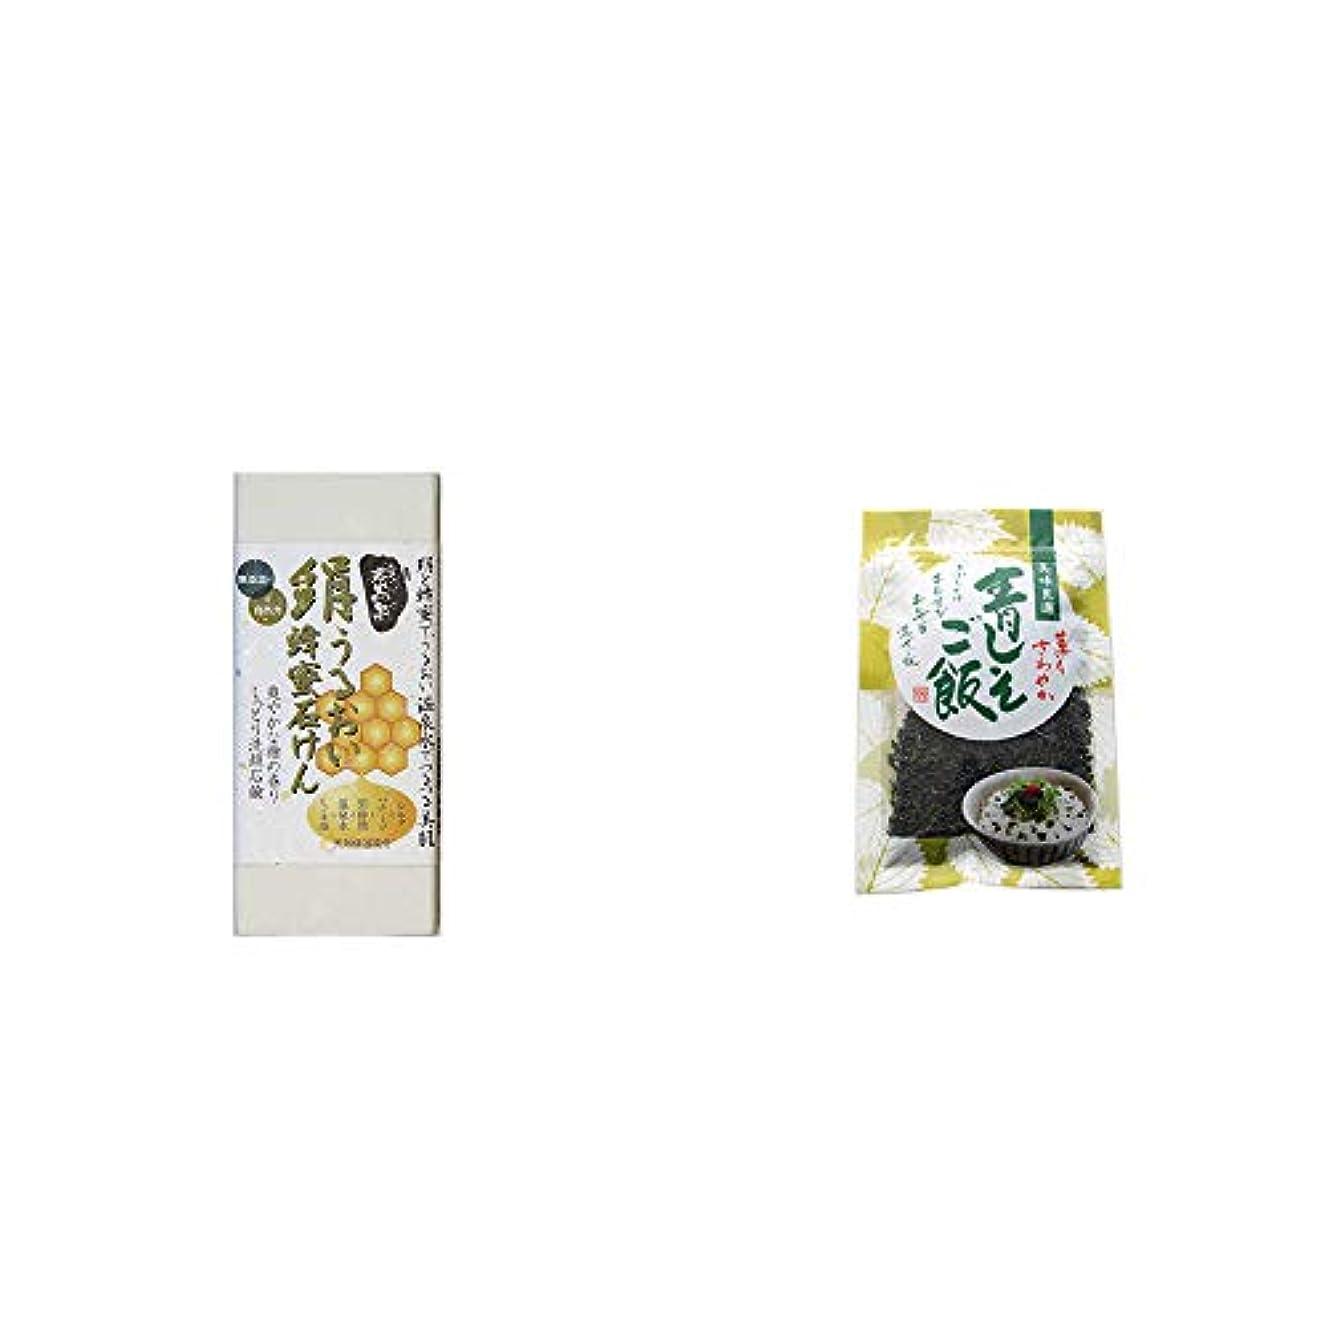 前部ハブ見つける[2点セット] ひのき炭黒泉 絹うるおい蜂蜜石けん(75g×2)?薫りさわやか 青しそご飯(80g)